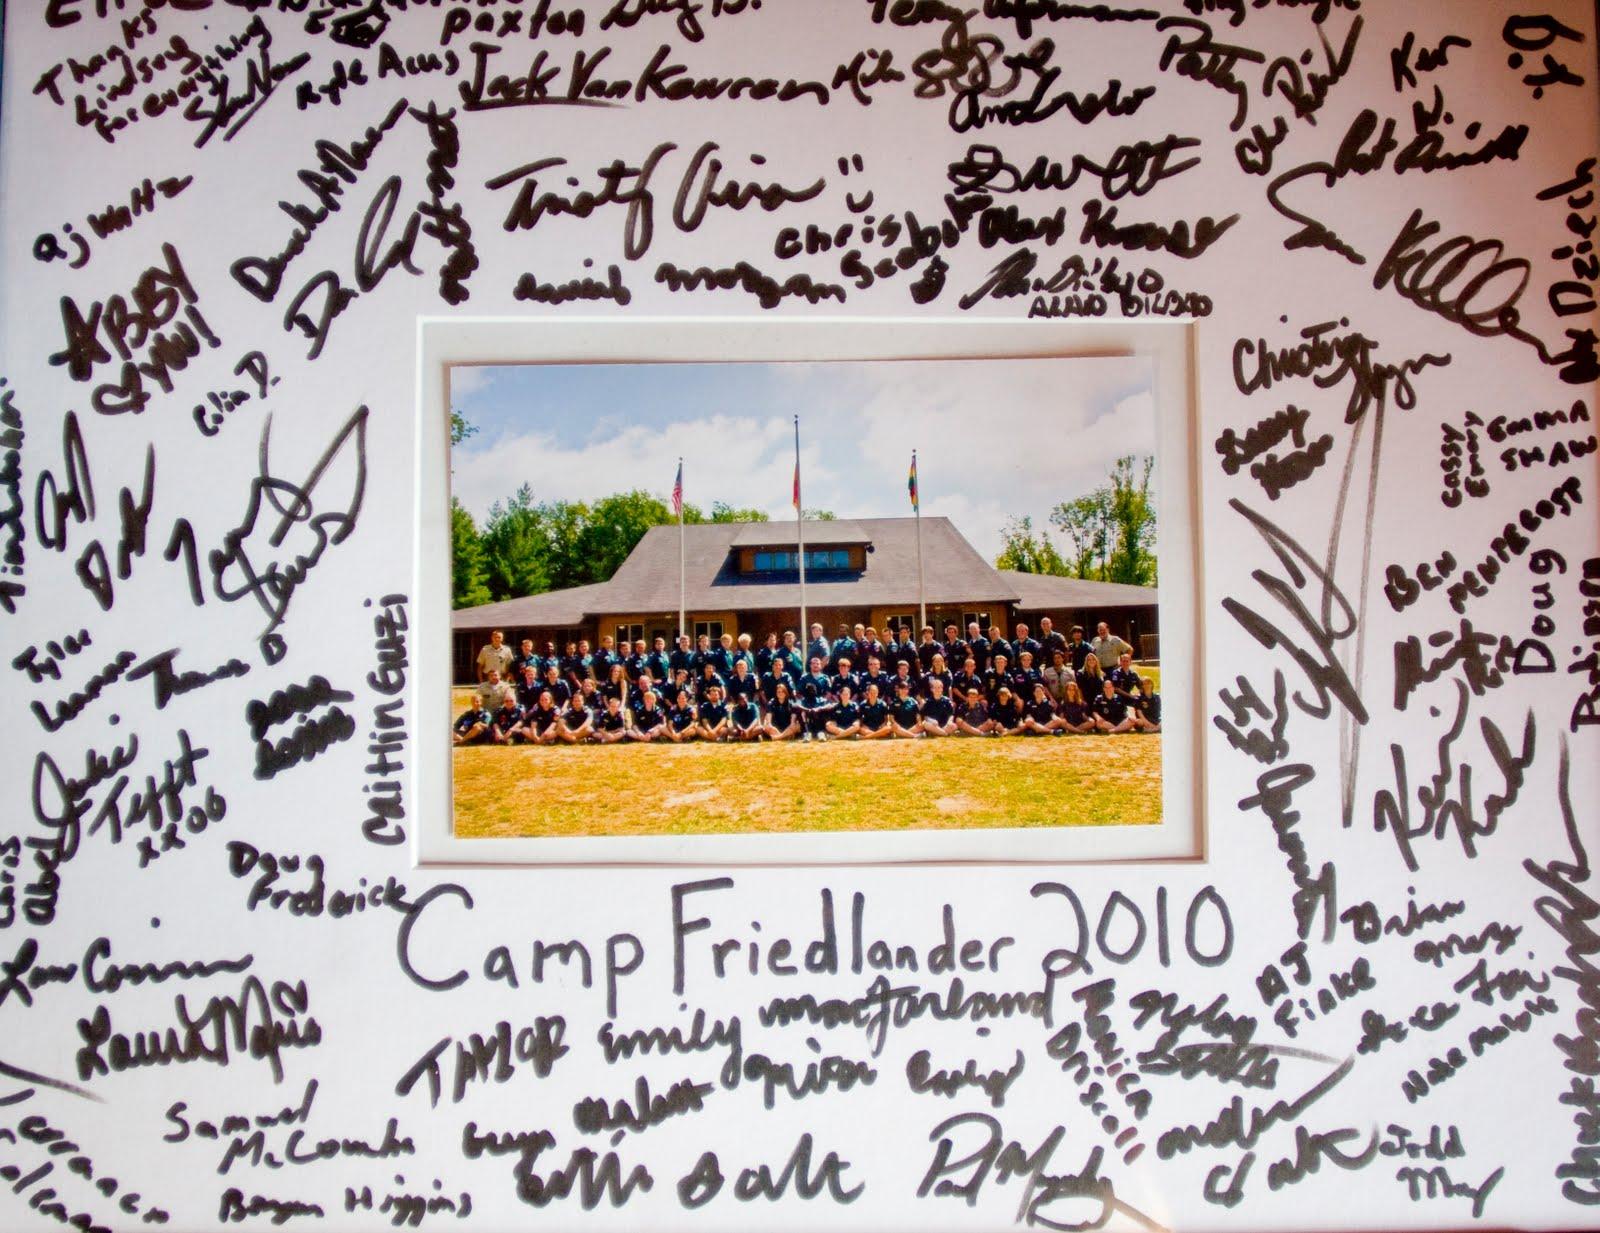 Camp Friedlander Summer Camp Camp Friedlander Camp Staff